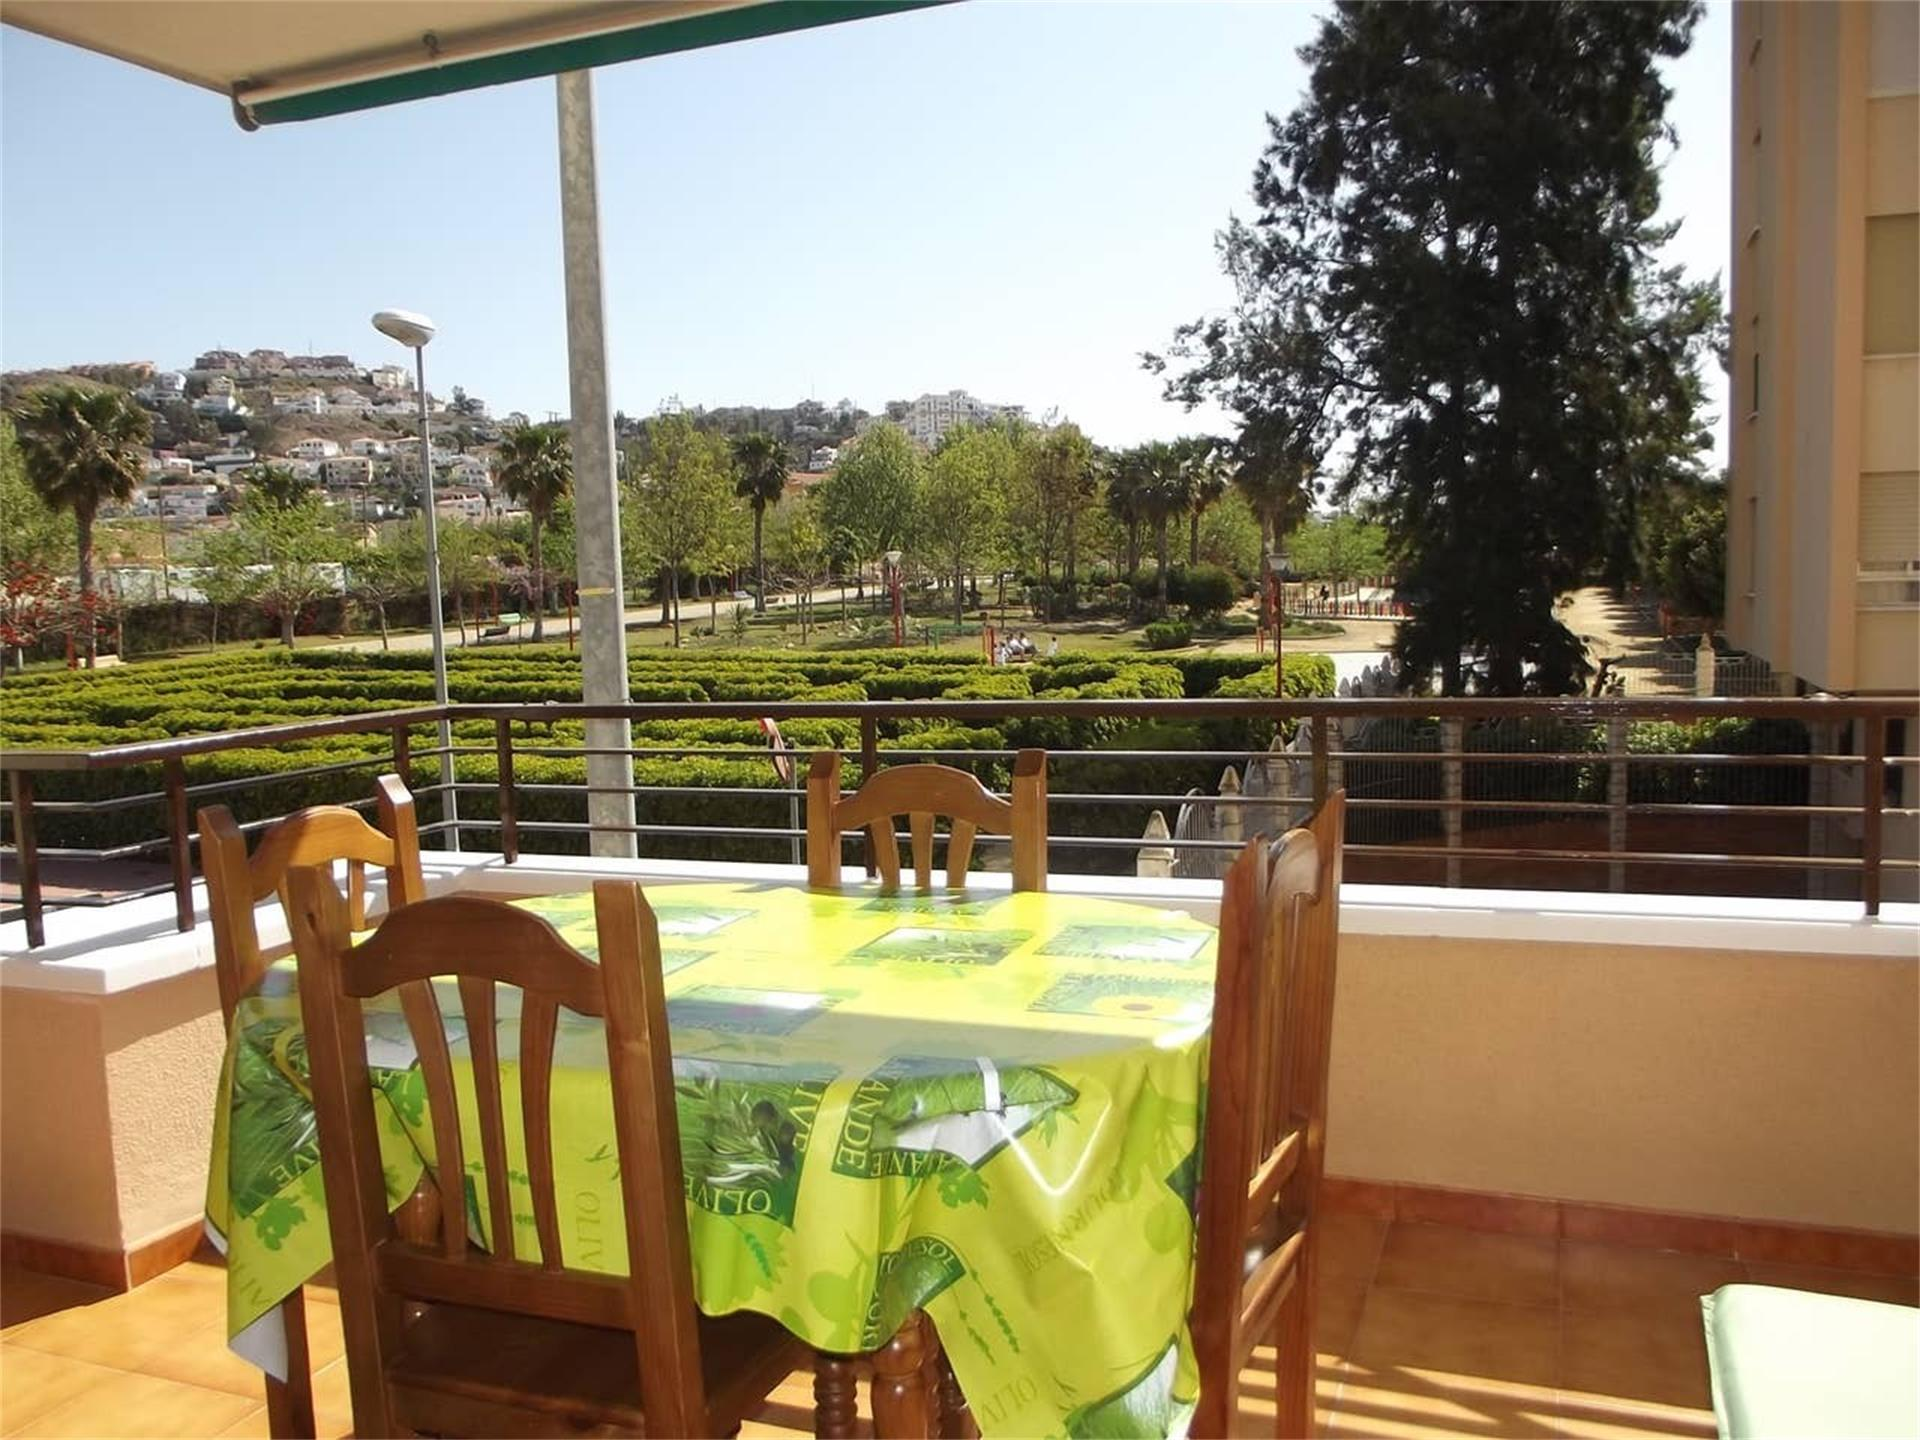 Piso de alquiler en Avenida Avenida de Cotomar, 7 Rincón de la Victoria ciudad (Rincón de la Victoria, Málaga)